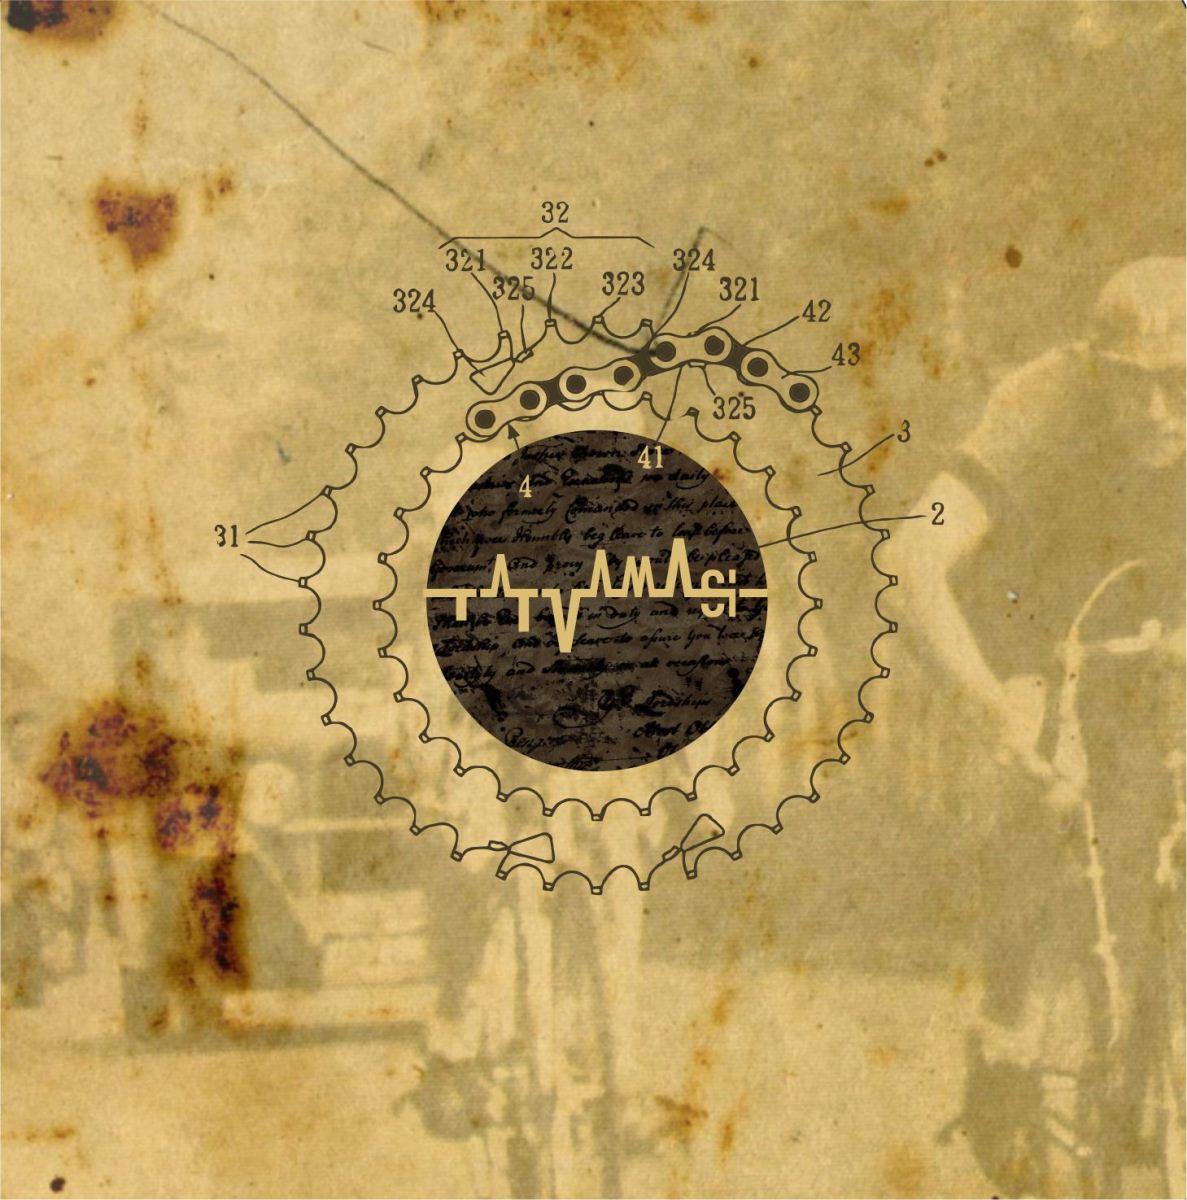 Okładka najnowszej EP'ki zespołu Tatvamas (źródło: materiały prasowe)